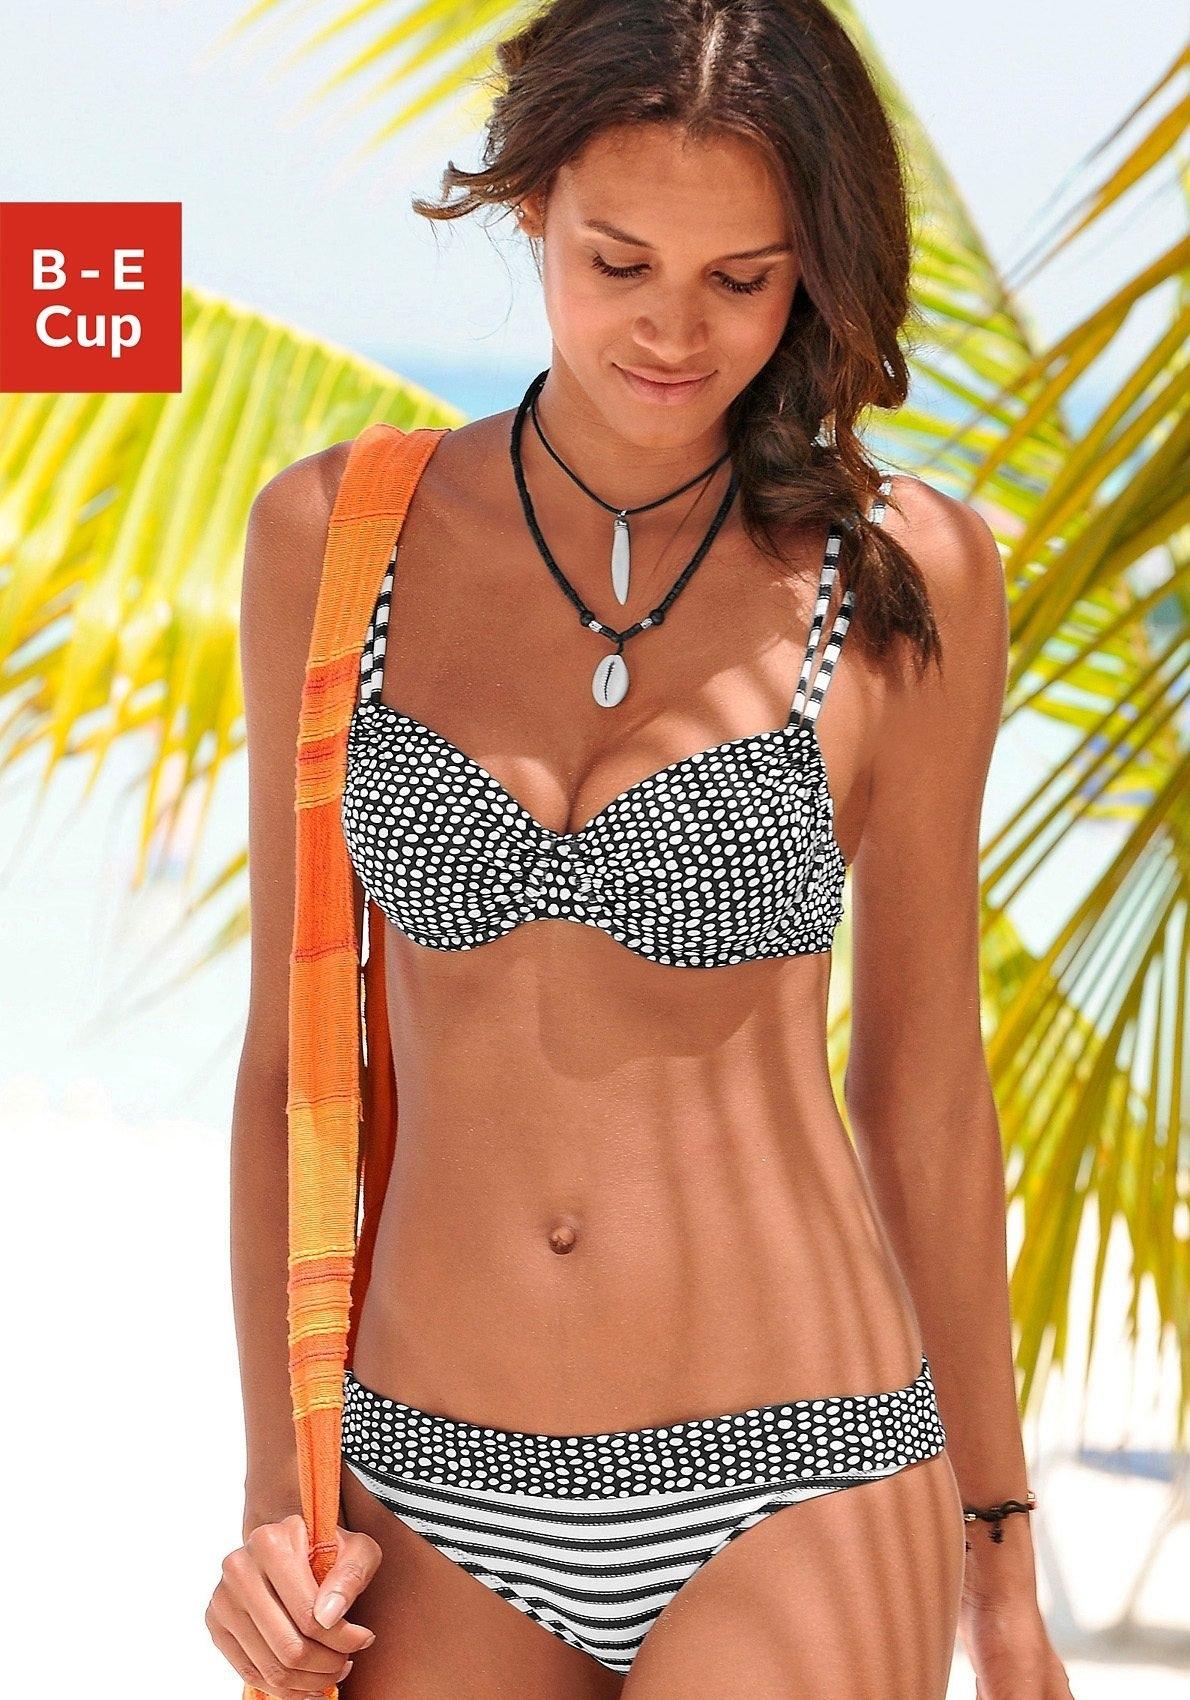 Op zoek naar een s.Oliver Beachwear s.Oliver RED LABEL Beachwear beugelbikini? Koop online bij Lascana